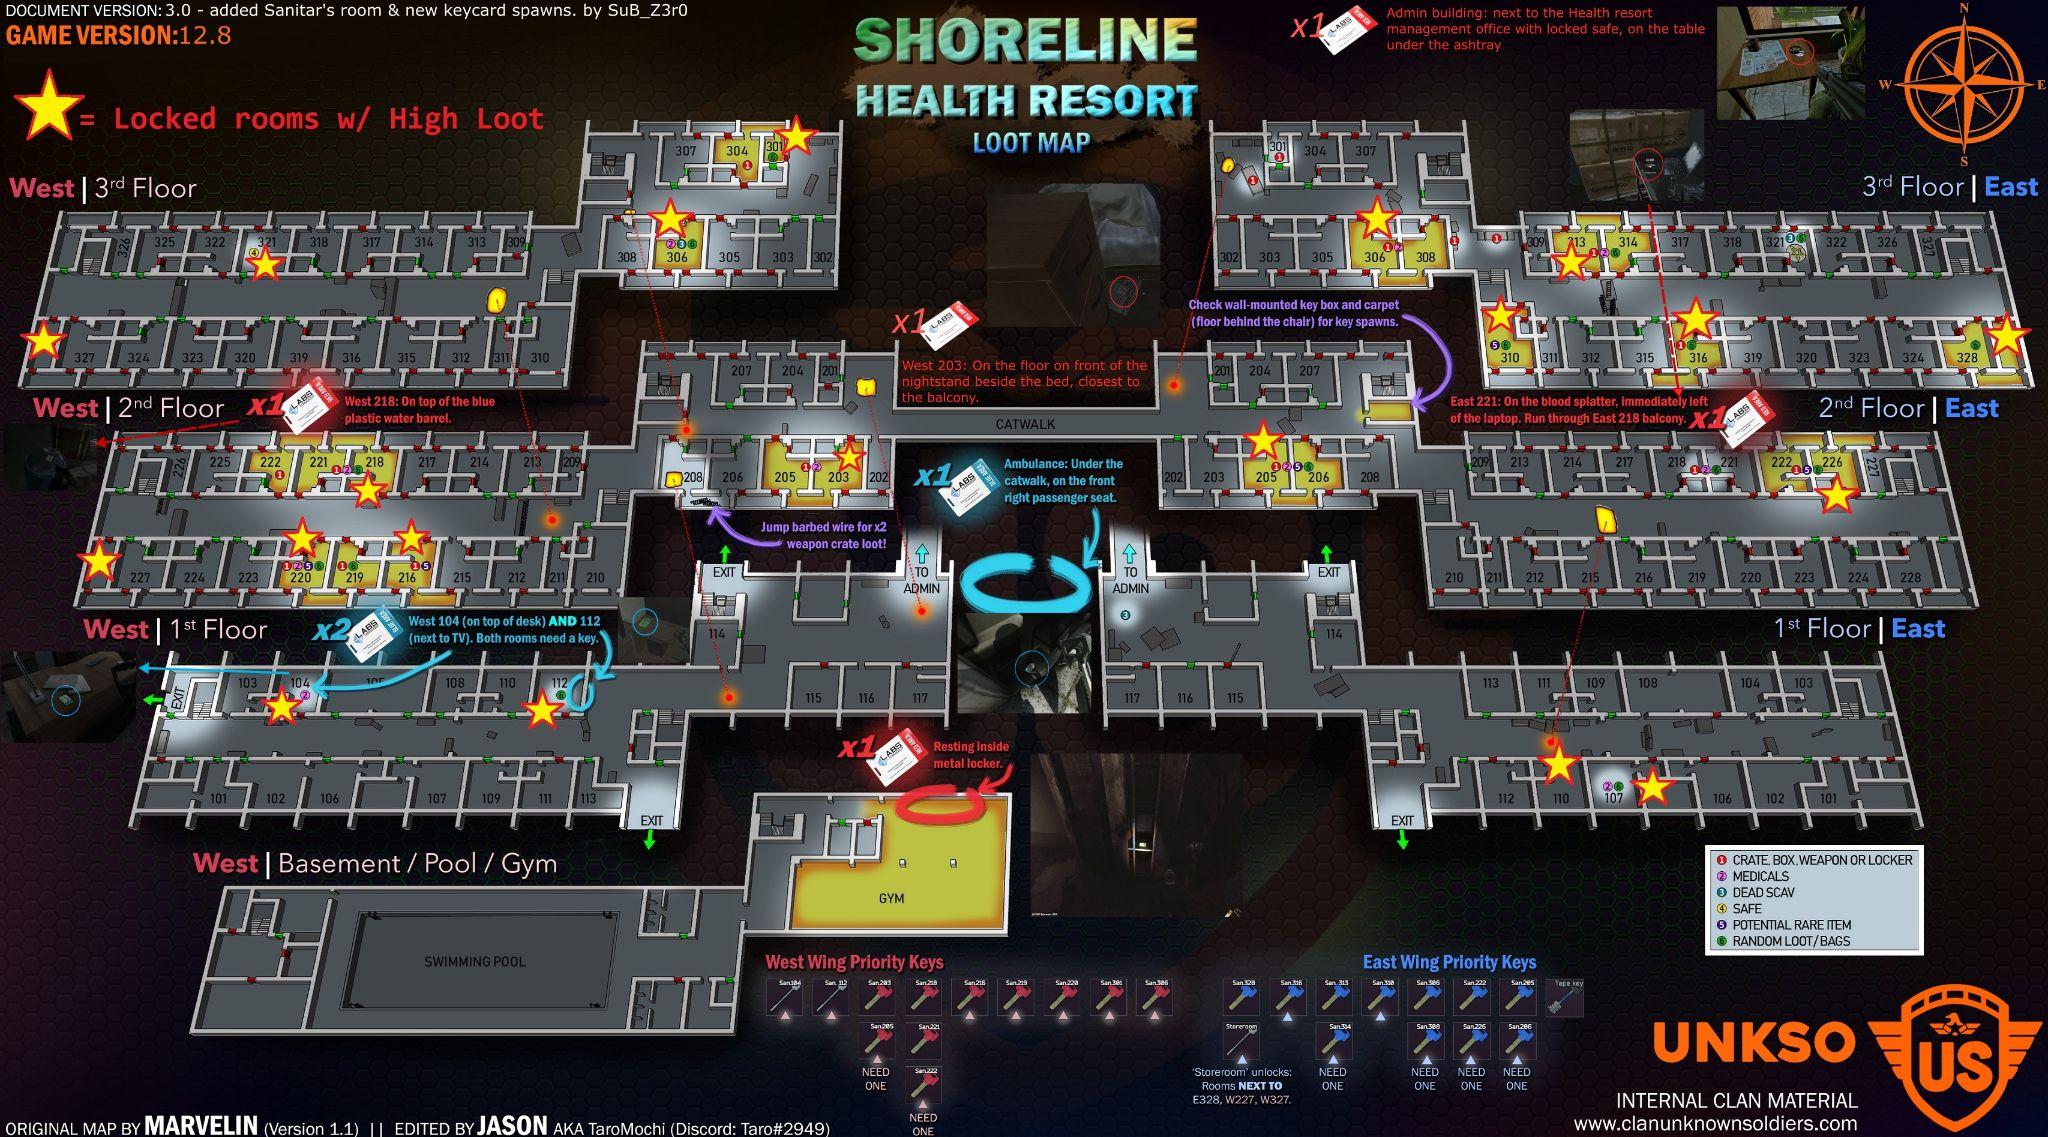 Shoreline_Resort_Loot_Map.jpg